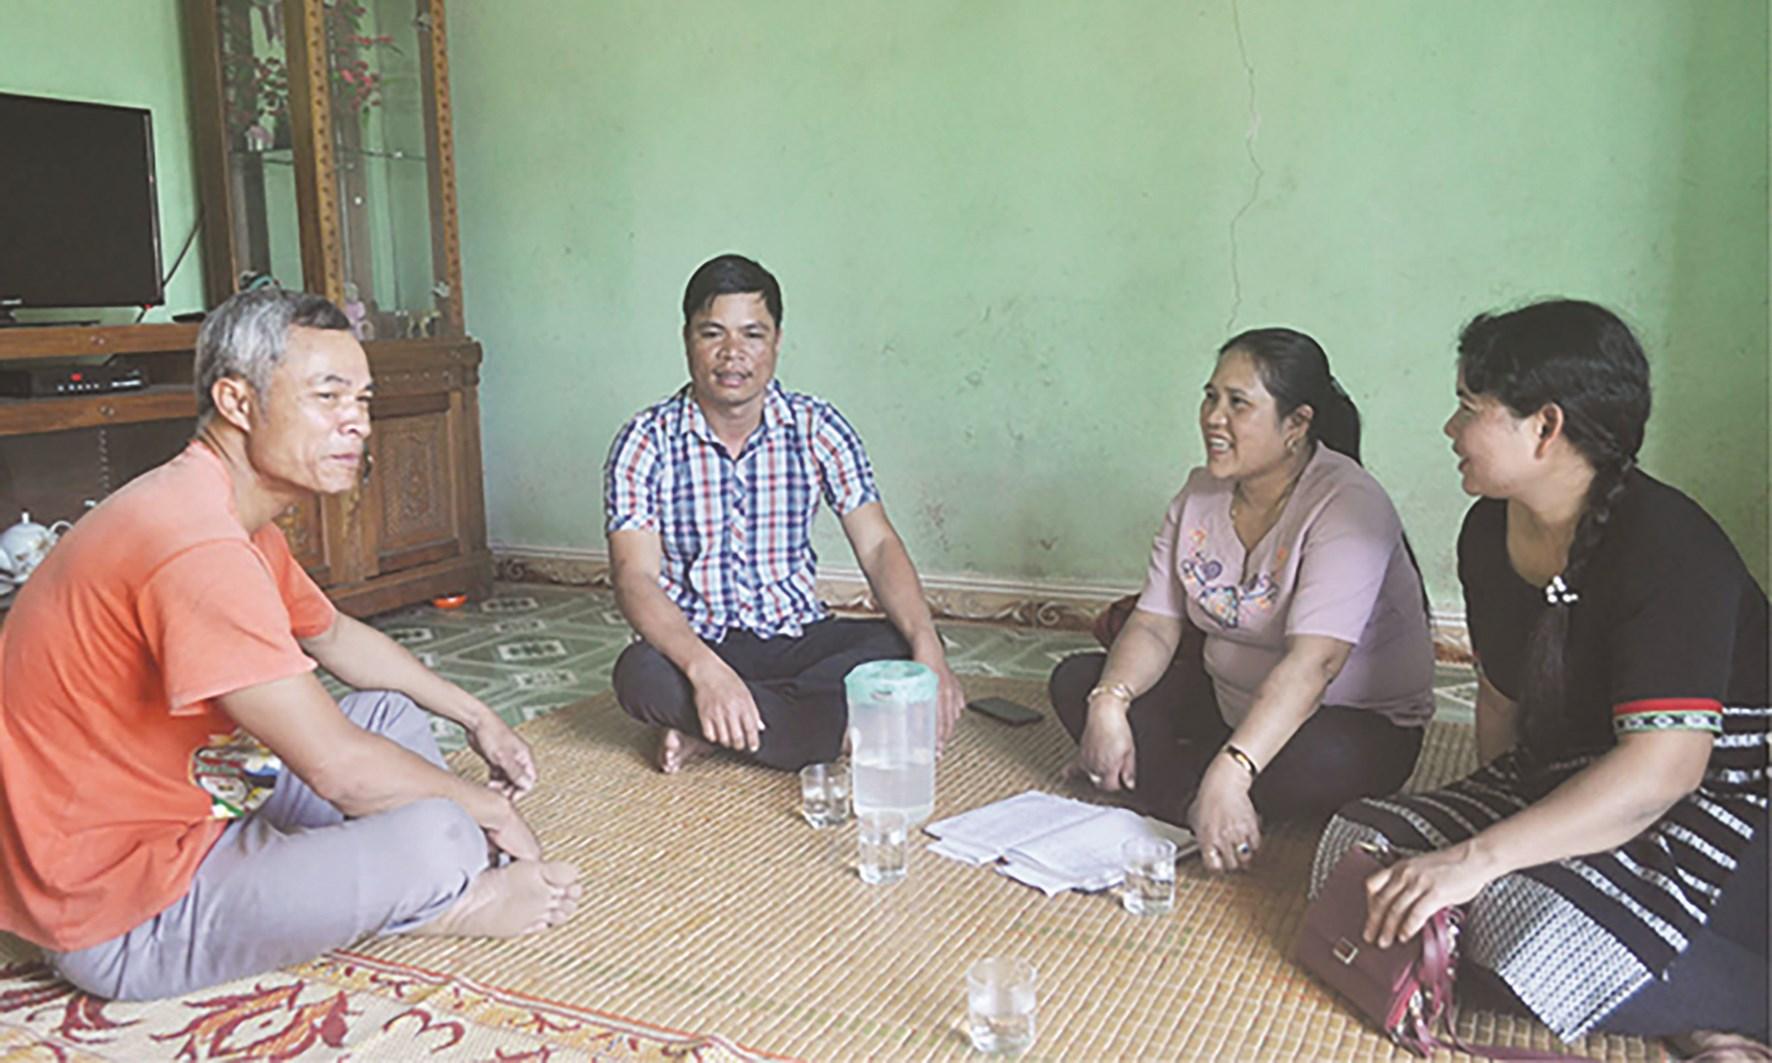 Chị Thủy (thứ 2 bên phải sang) thăm gia đình anh Hế và động viên gia đình tiếp tục nỗ lực phát triển kinh tế.